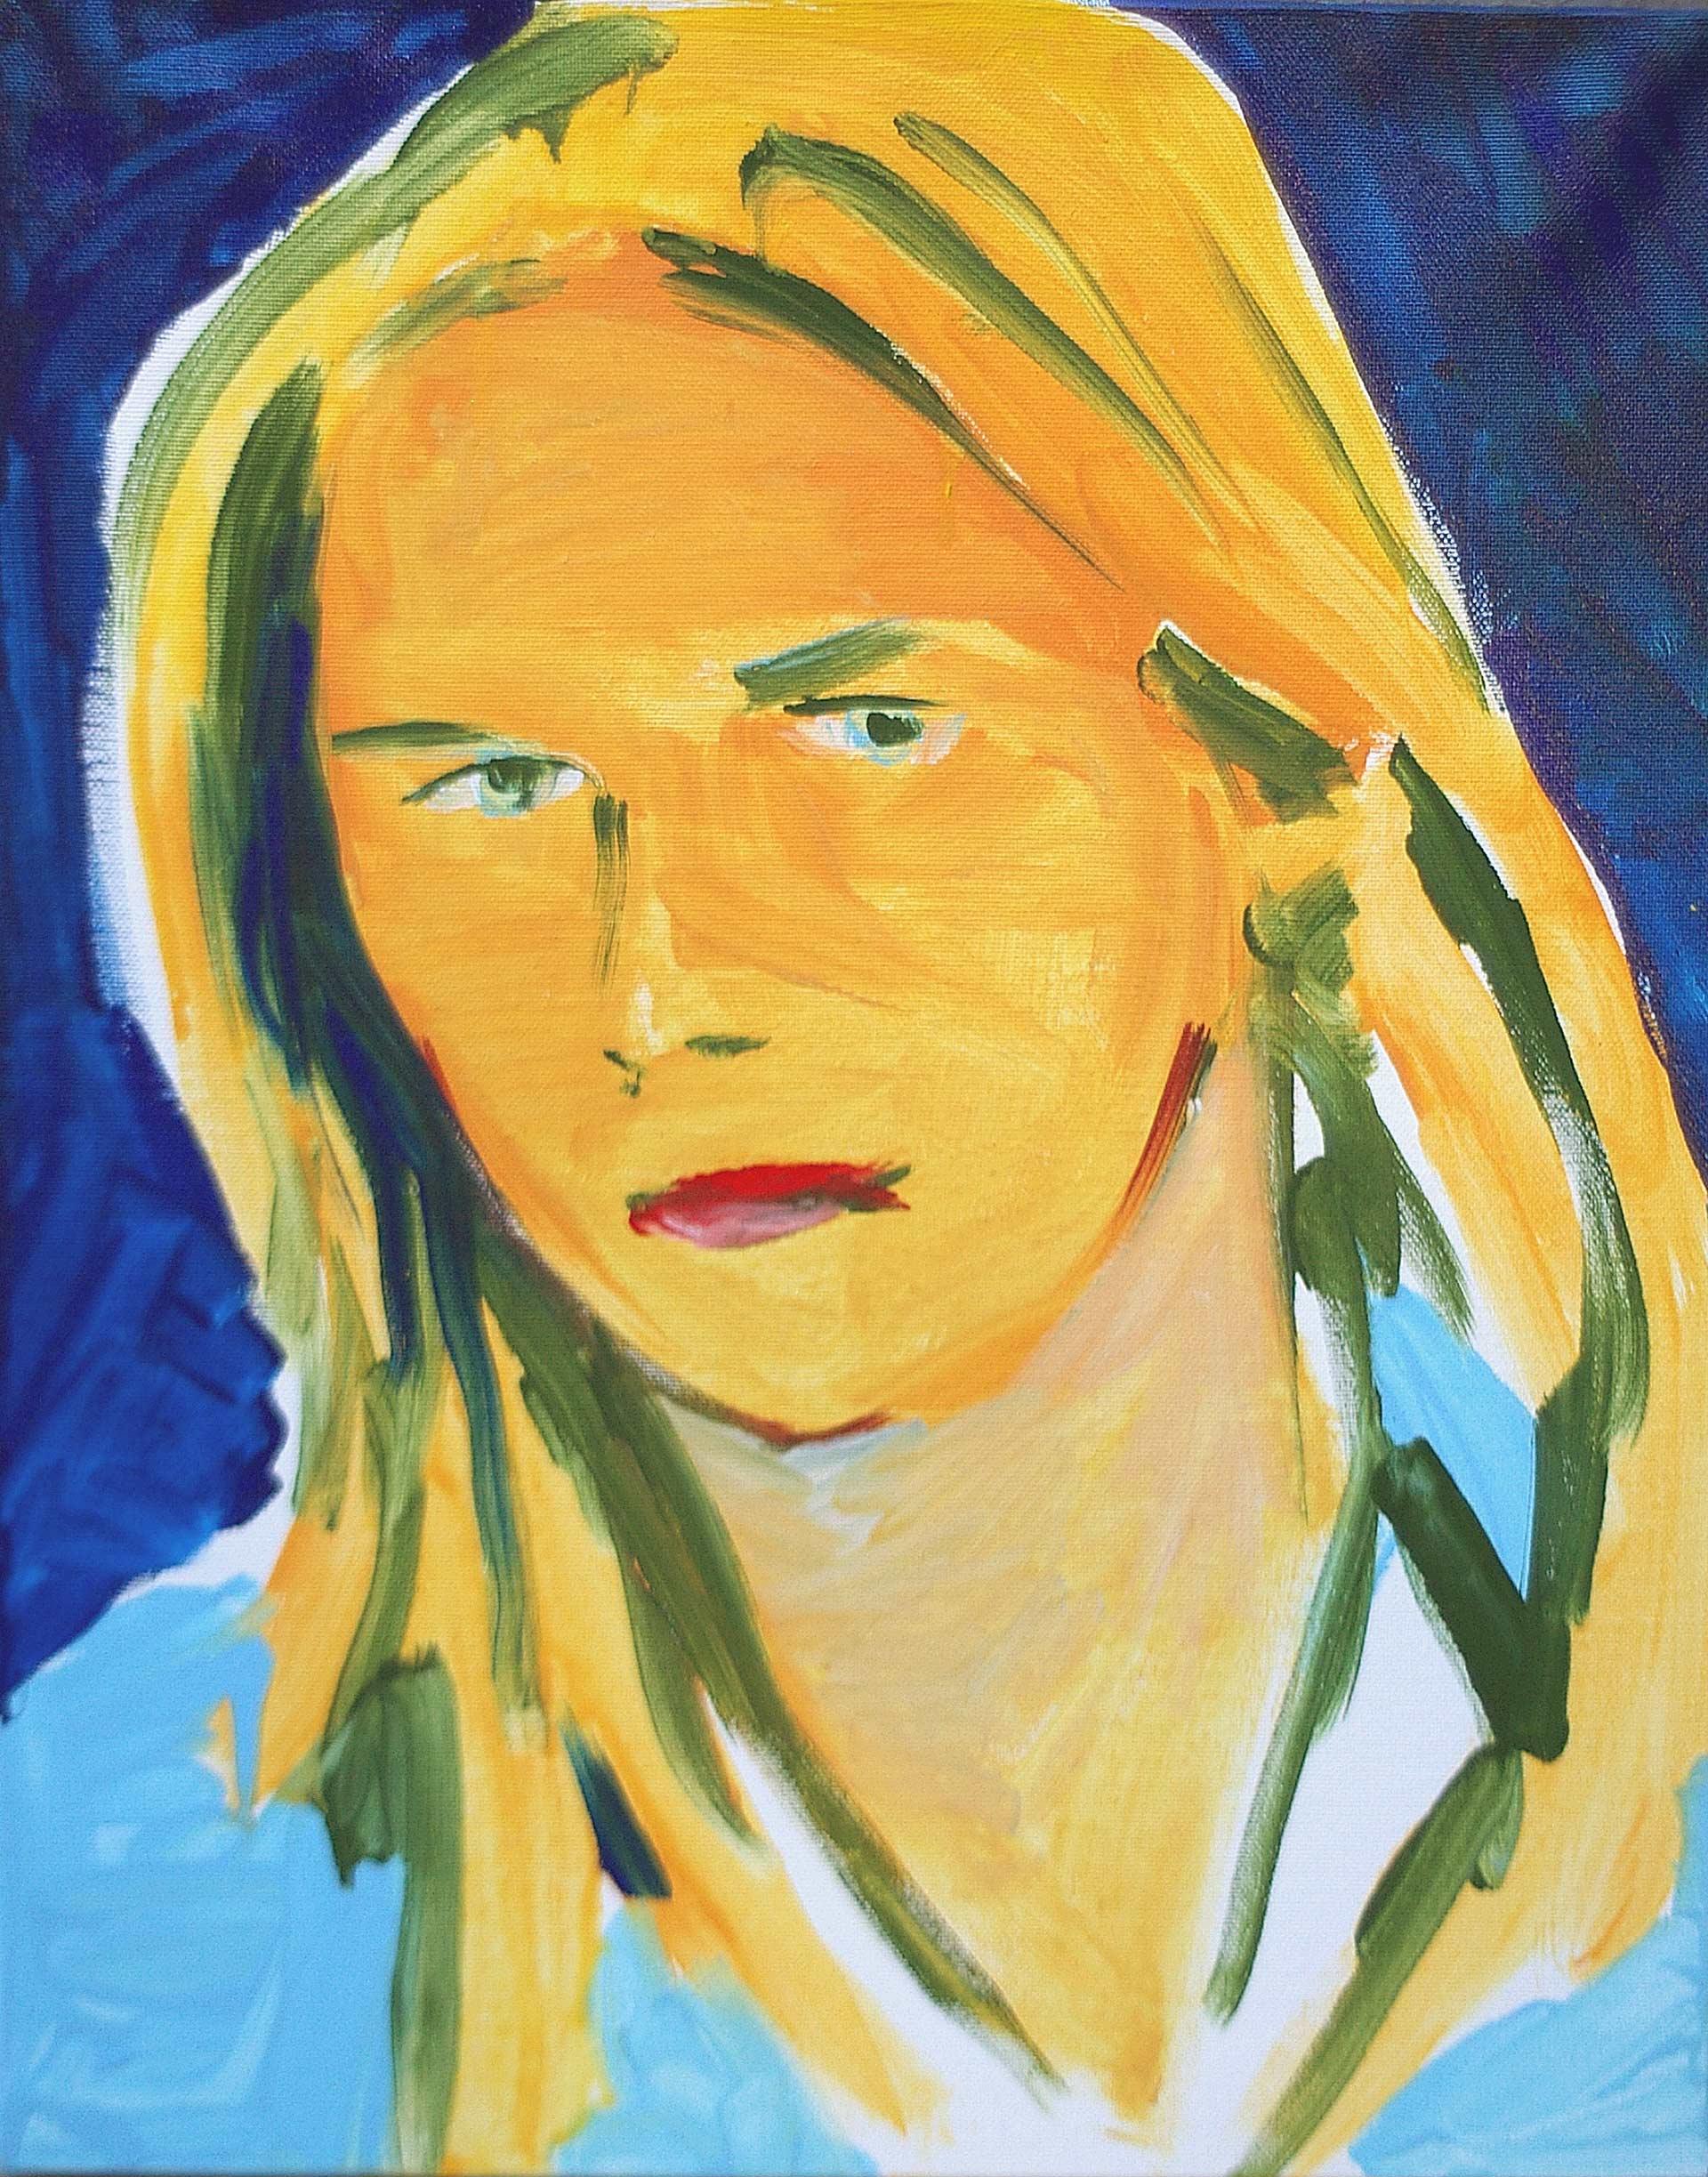 UP0903 2009, acrylic on canvas, 50 x 40 cm.